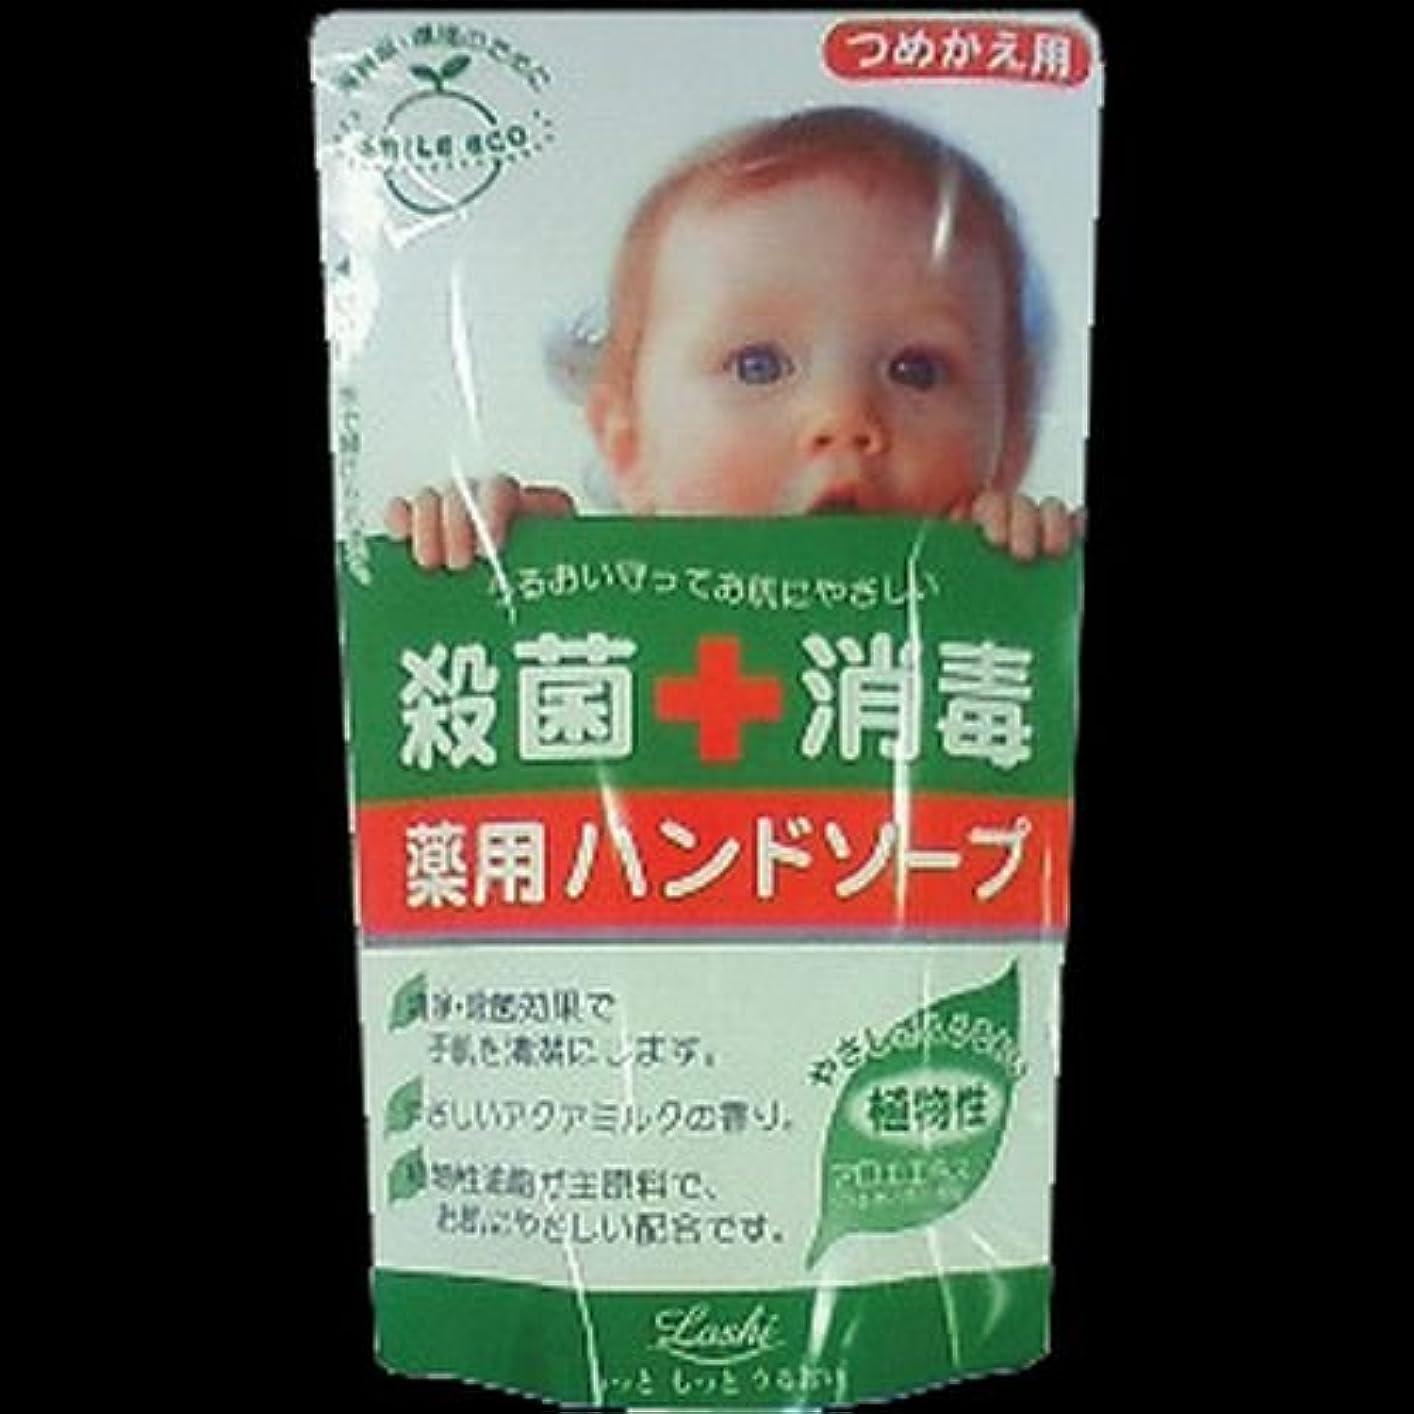 試す常にシマウマロッシ モイストエイド 薬用ハンドソープ つめかえ用 200ml ×2セット